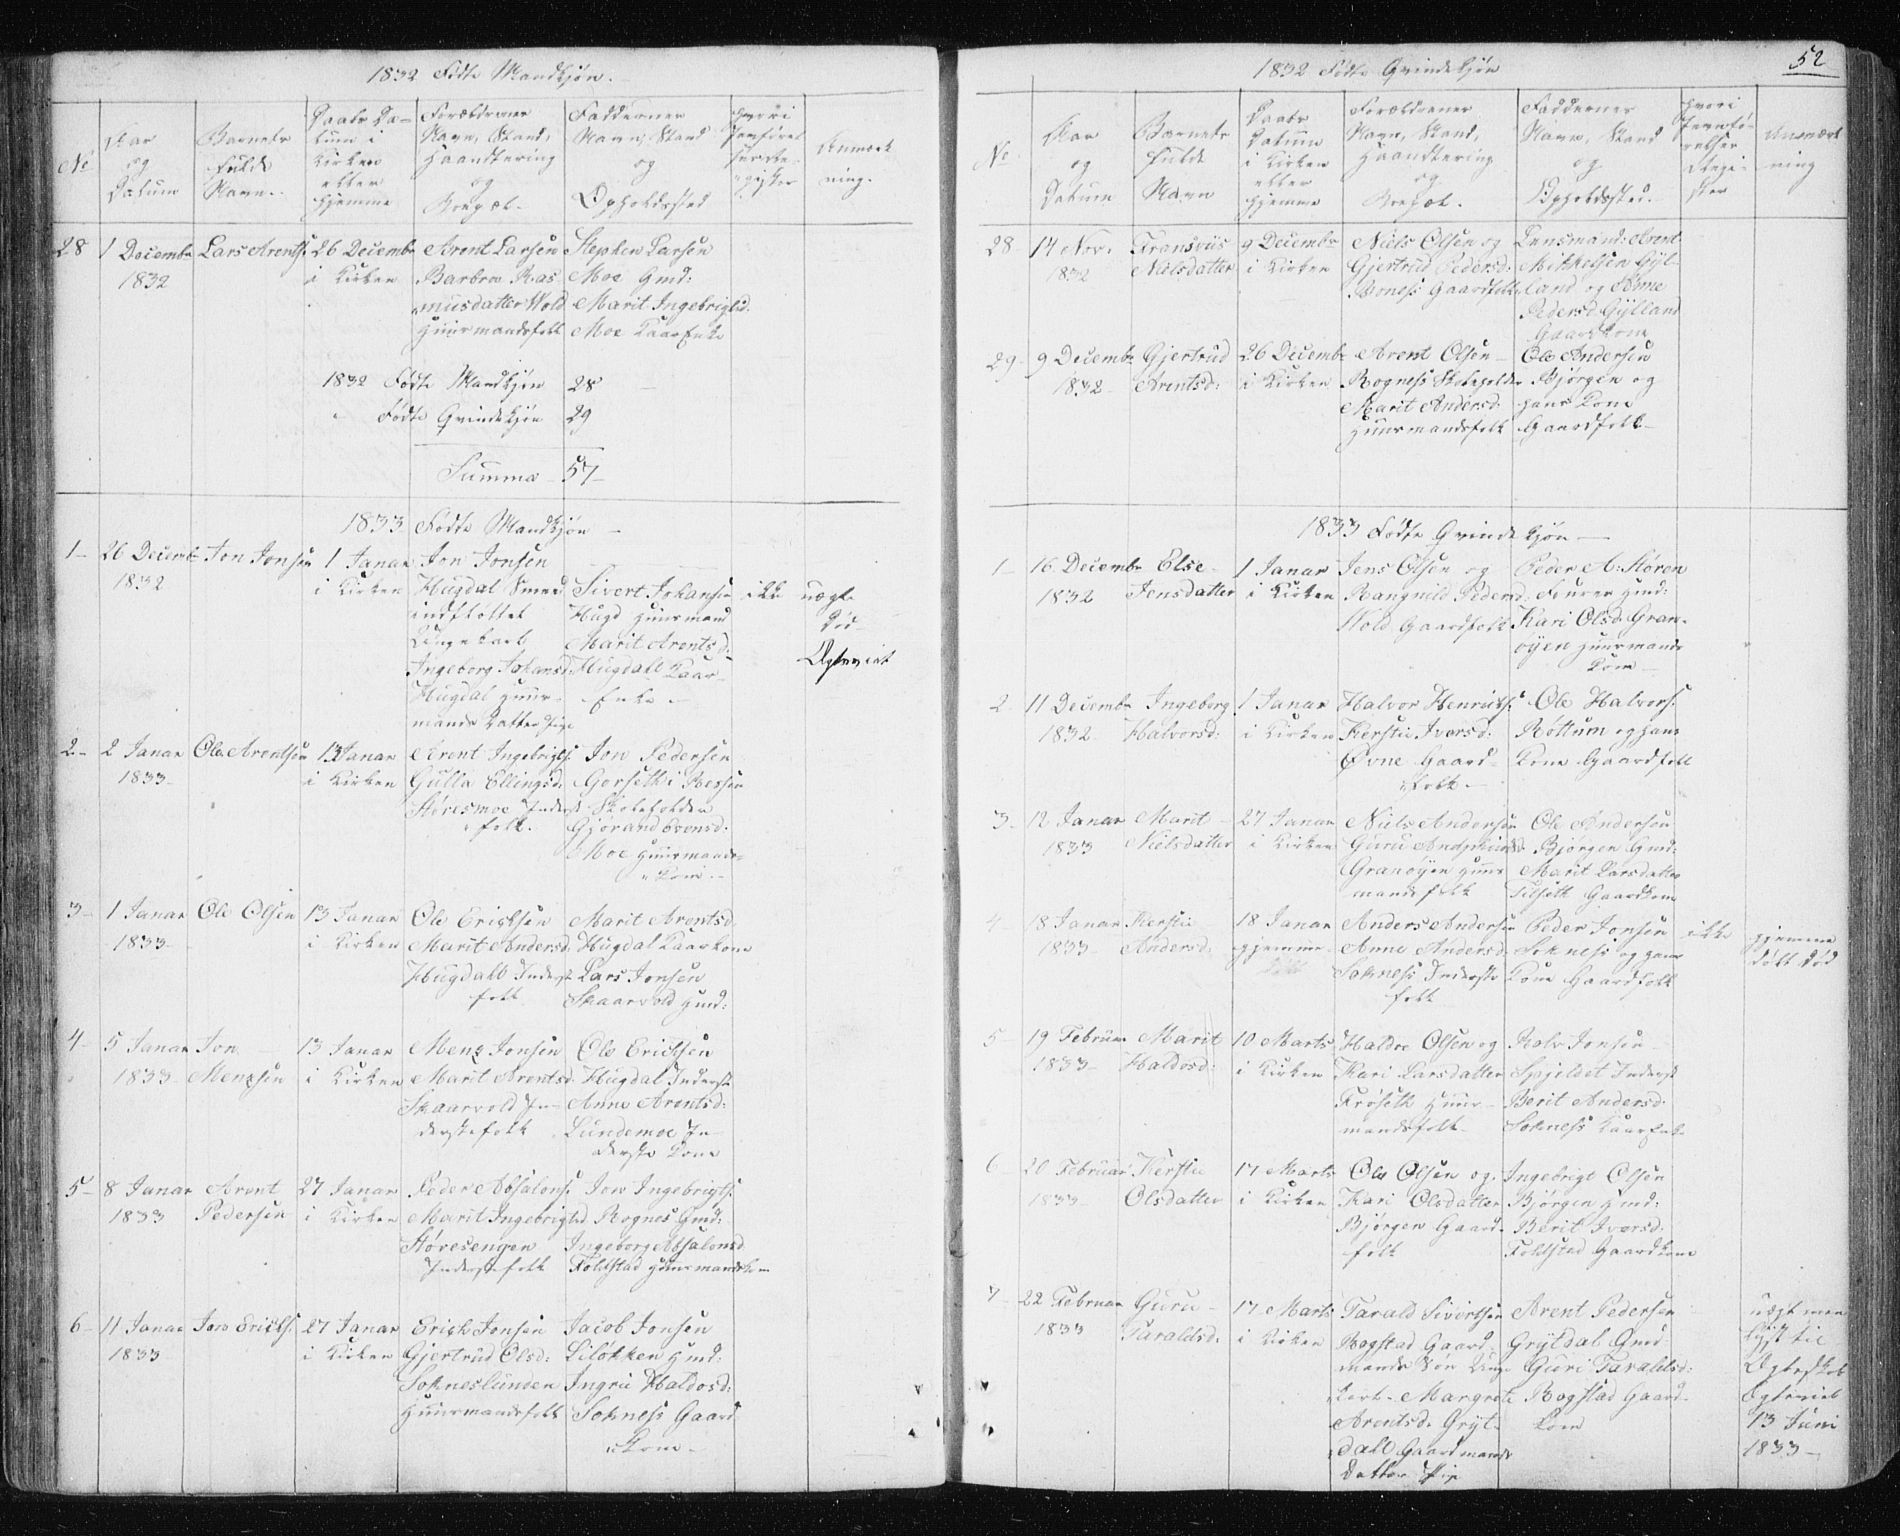 SAT, Ministerialprotokoller, klokkerbøker og fødselsregistre - Sør-Trøndelag, 687/L1017: Klokkerbok nr. 687C01, 1816-1837, s. 52